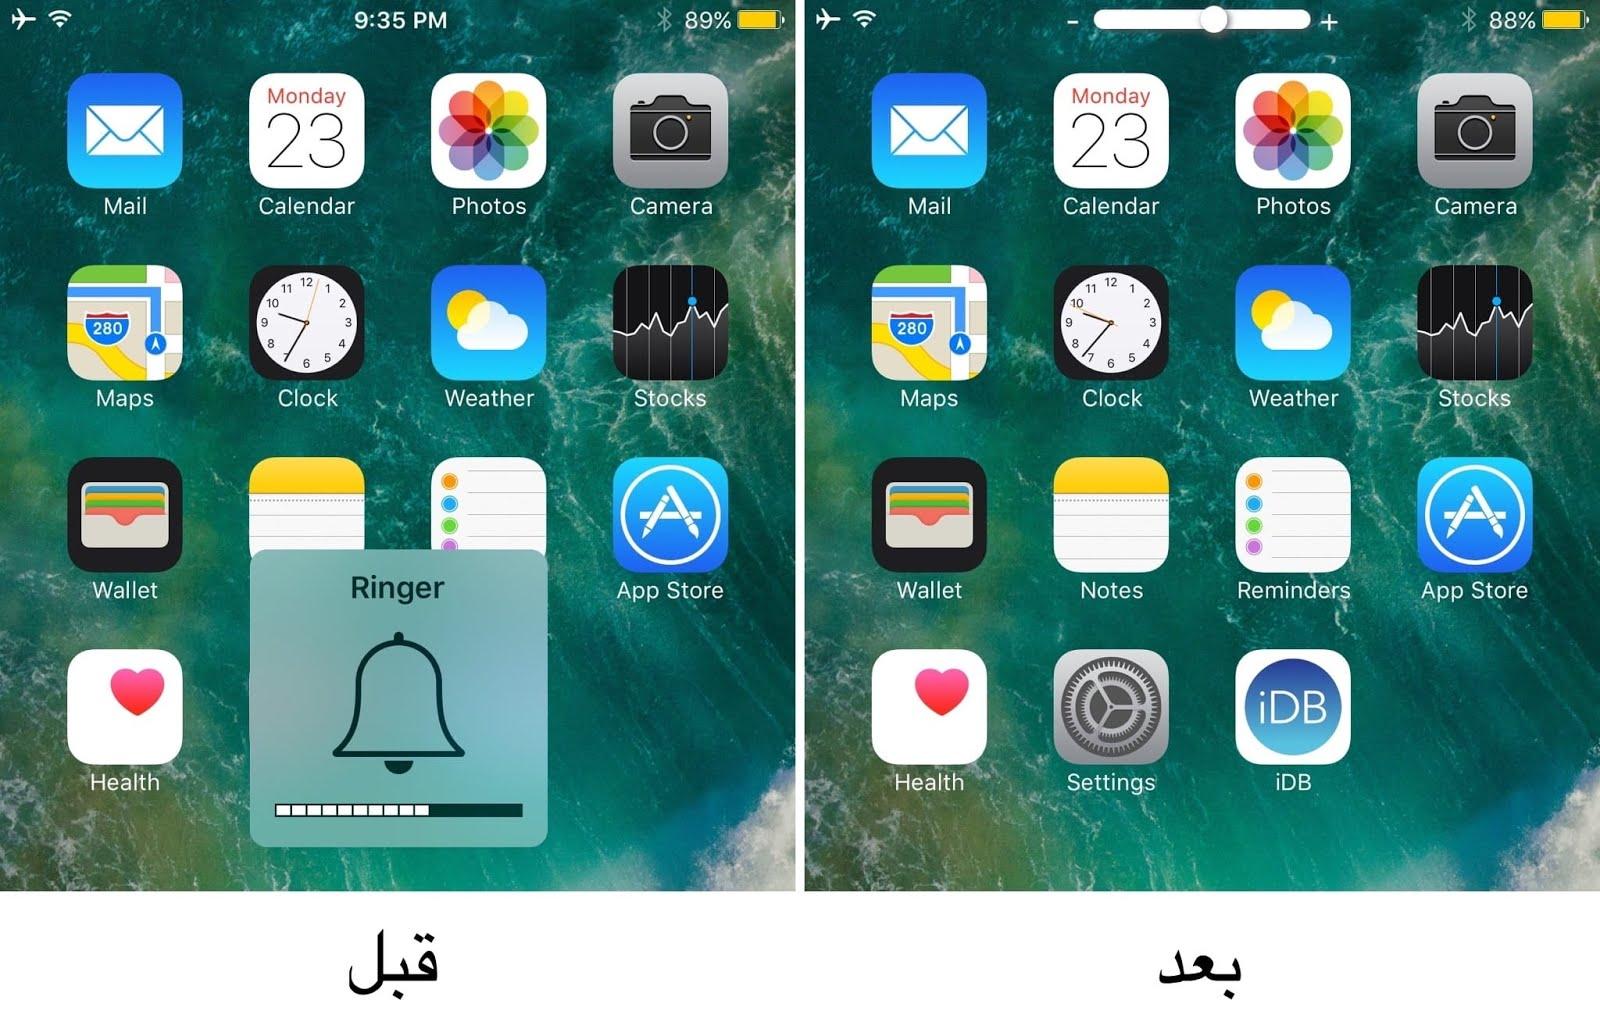 الادوات المتوافقة مع جلبريك Electra iOS 11 3 1 مع وظيفة كل اداة - اي